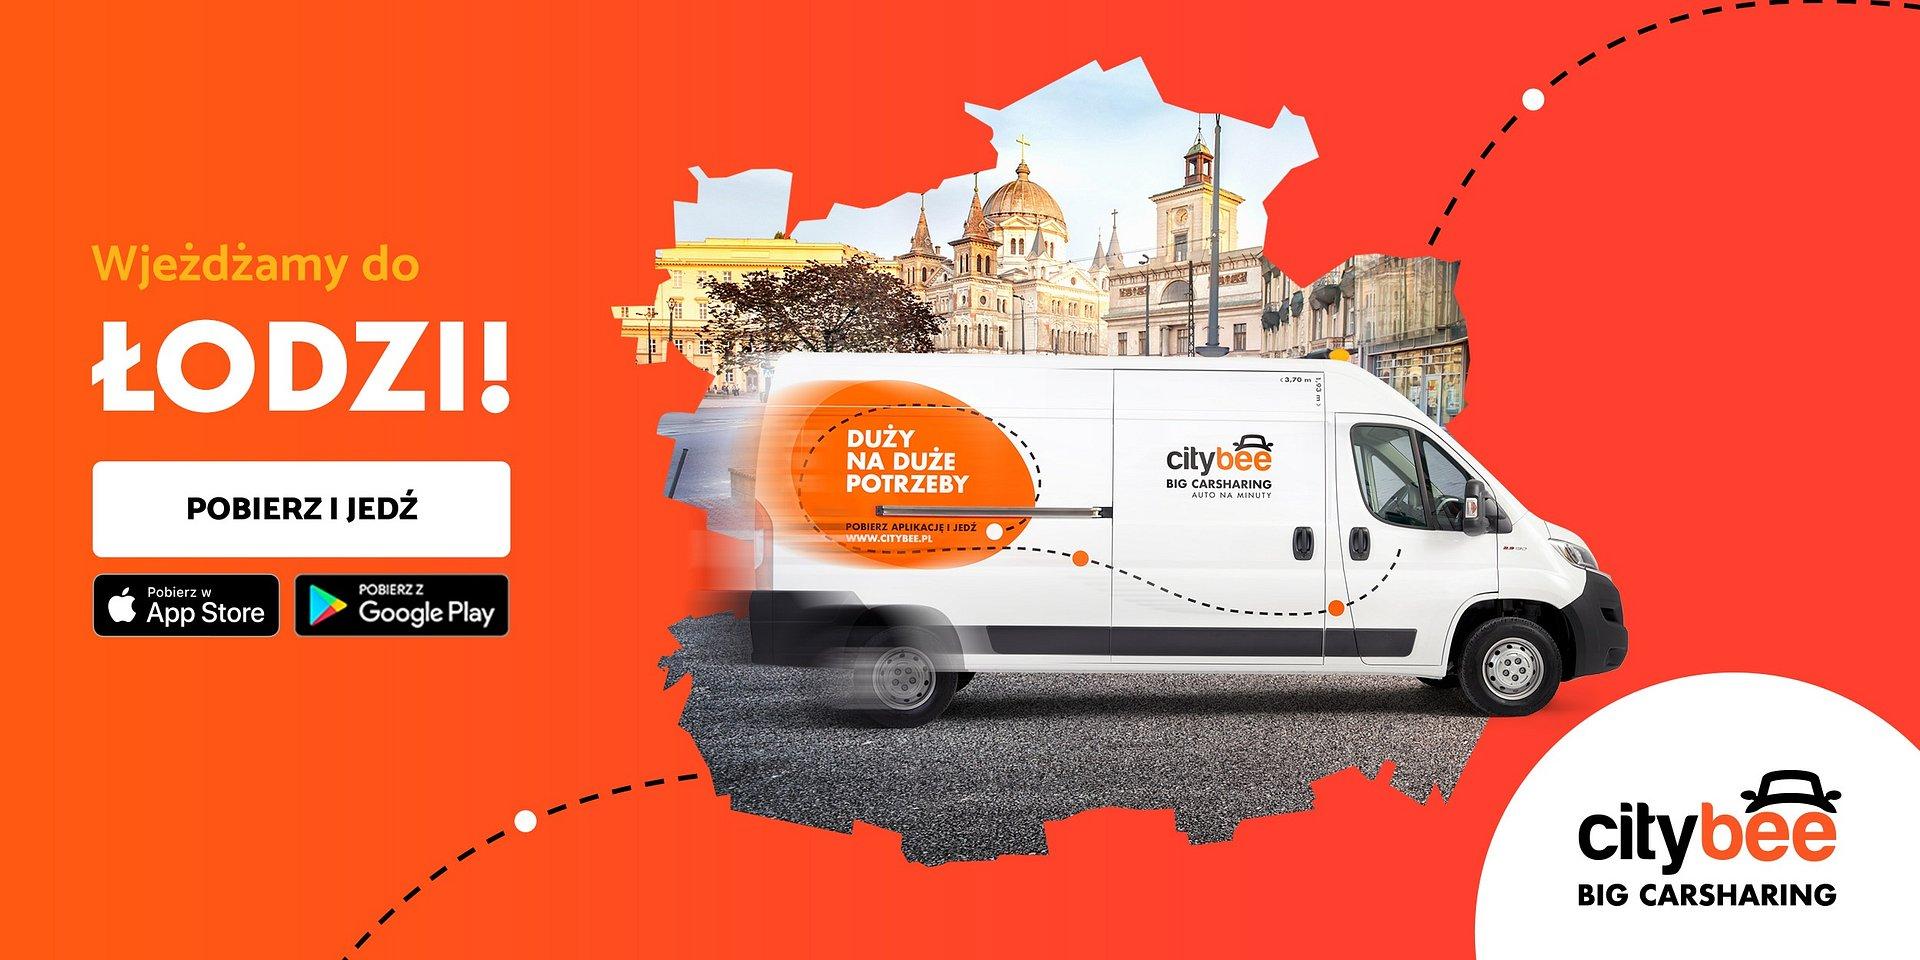 CityBee wjeżdża do Łodzi! Startuje wynajem dostawczaków na minuty